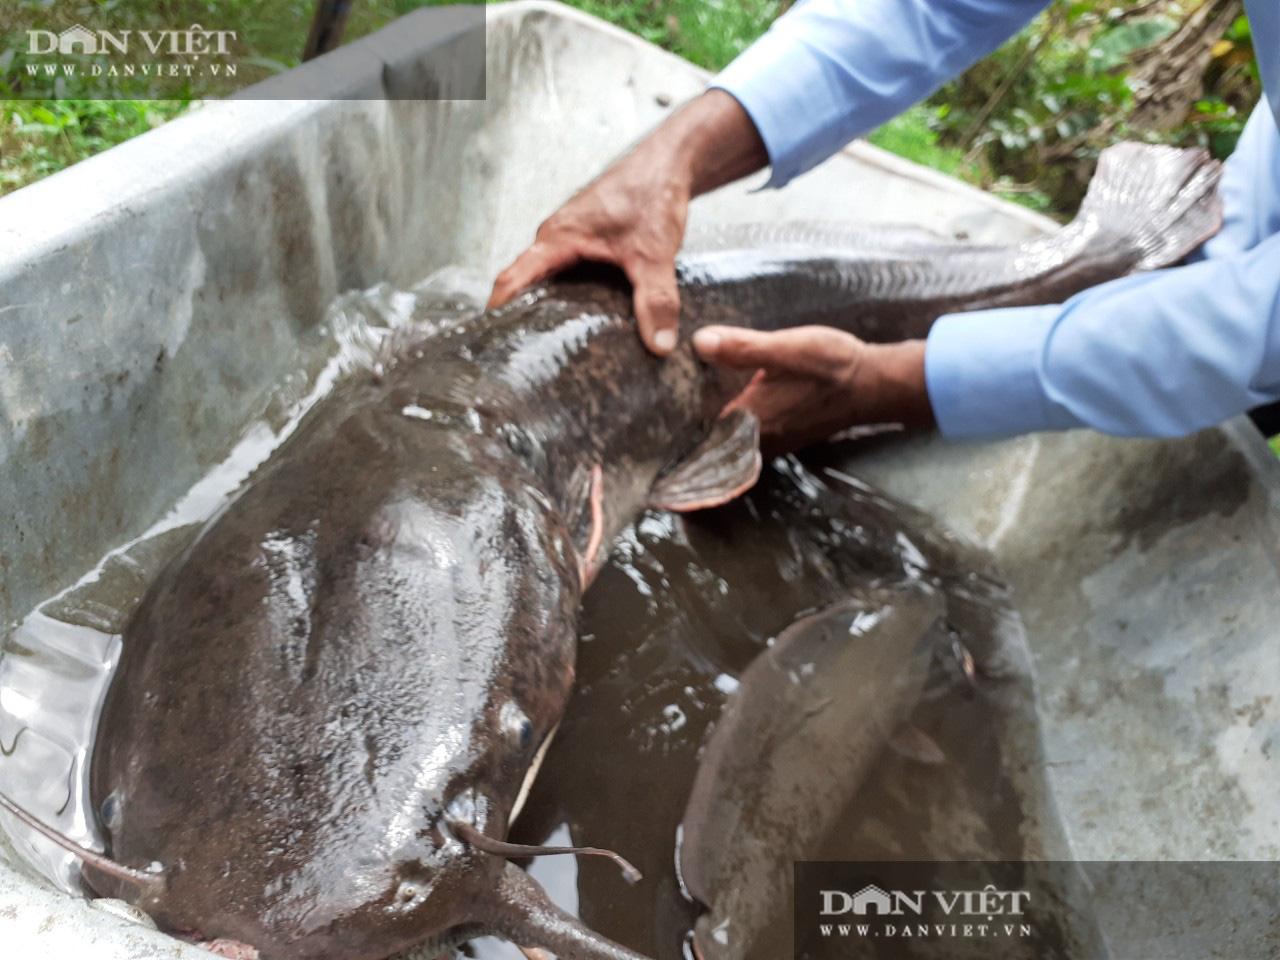 Người dân Hậu Giang bắt được cá trê dài 1 m, nặng 8 kg hiếm thấy - Ảnh 2.